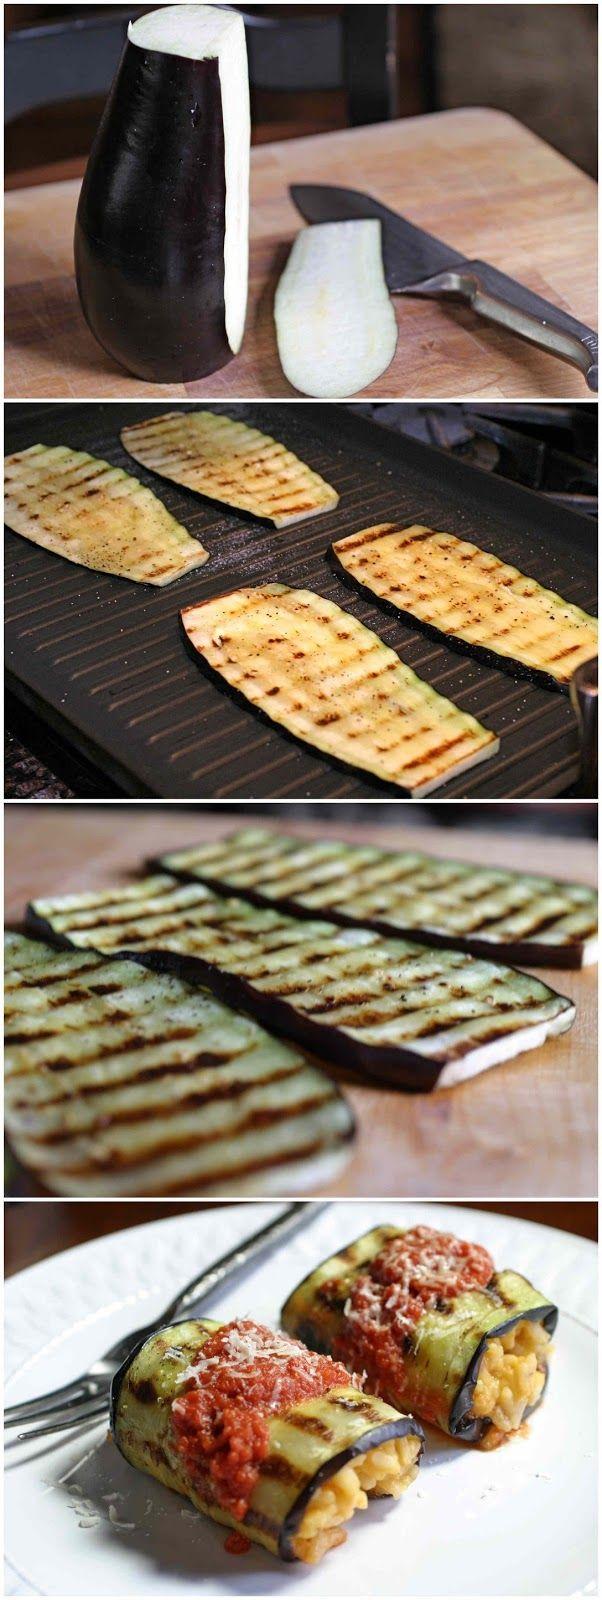 Relleno de berenjena. Colocarlas por lado y lado y después rellenar lo que deseas (carne molida o arroz)